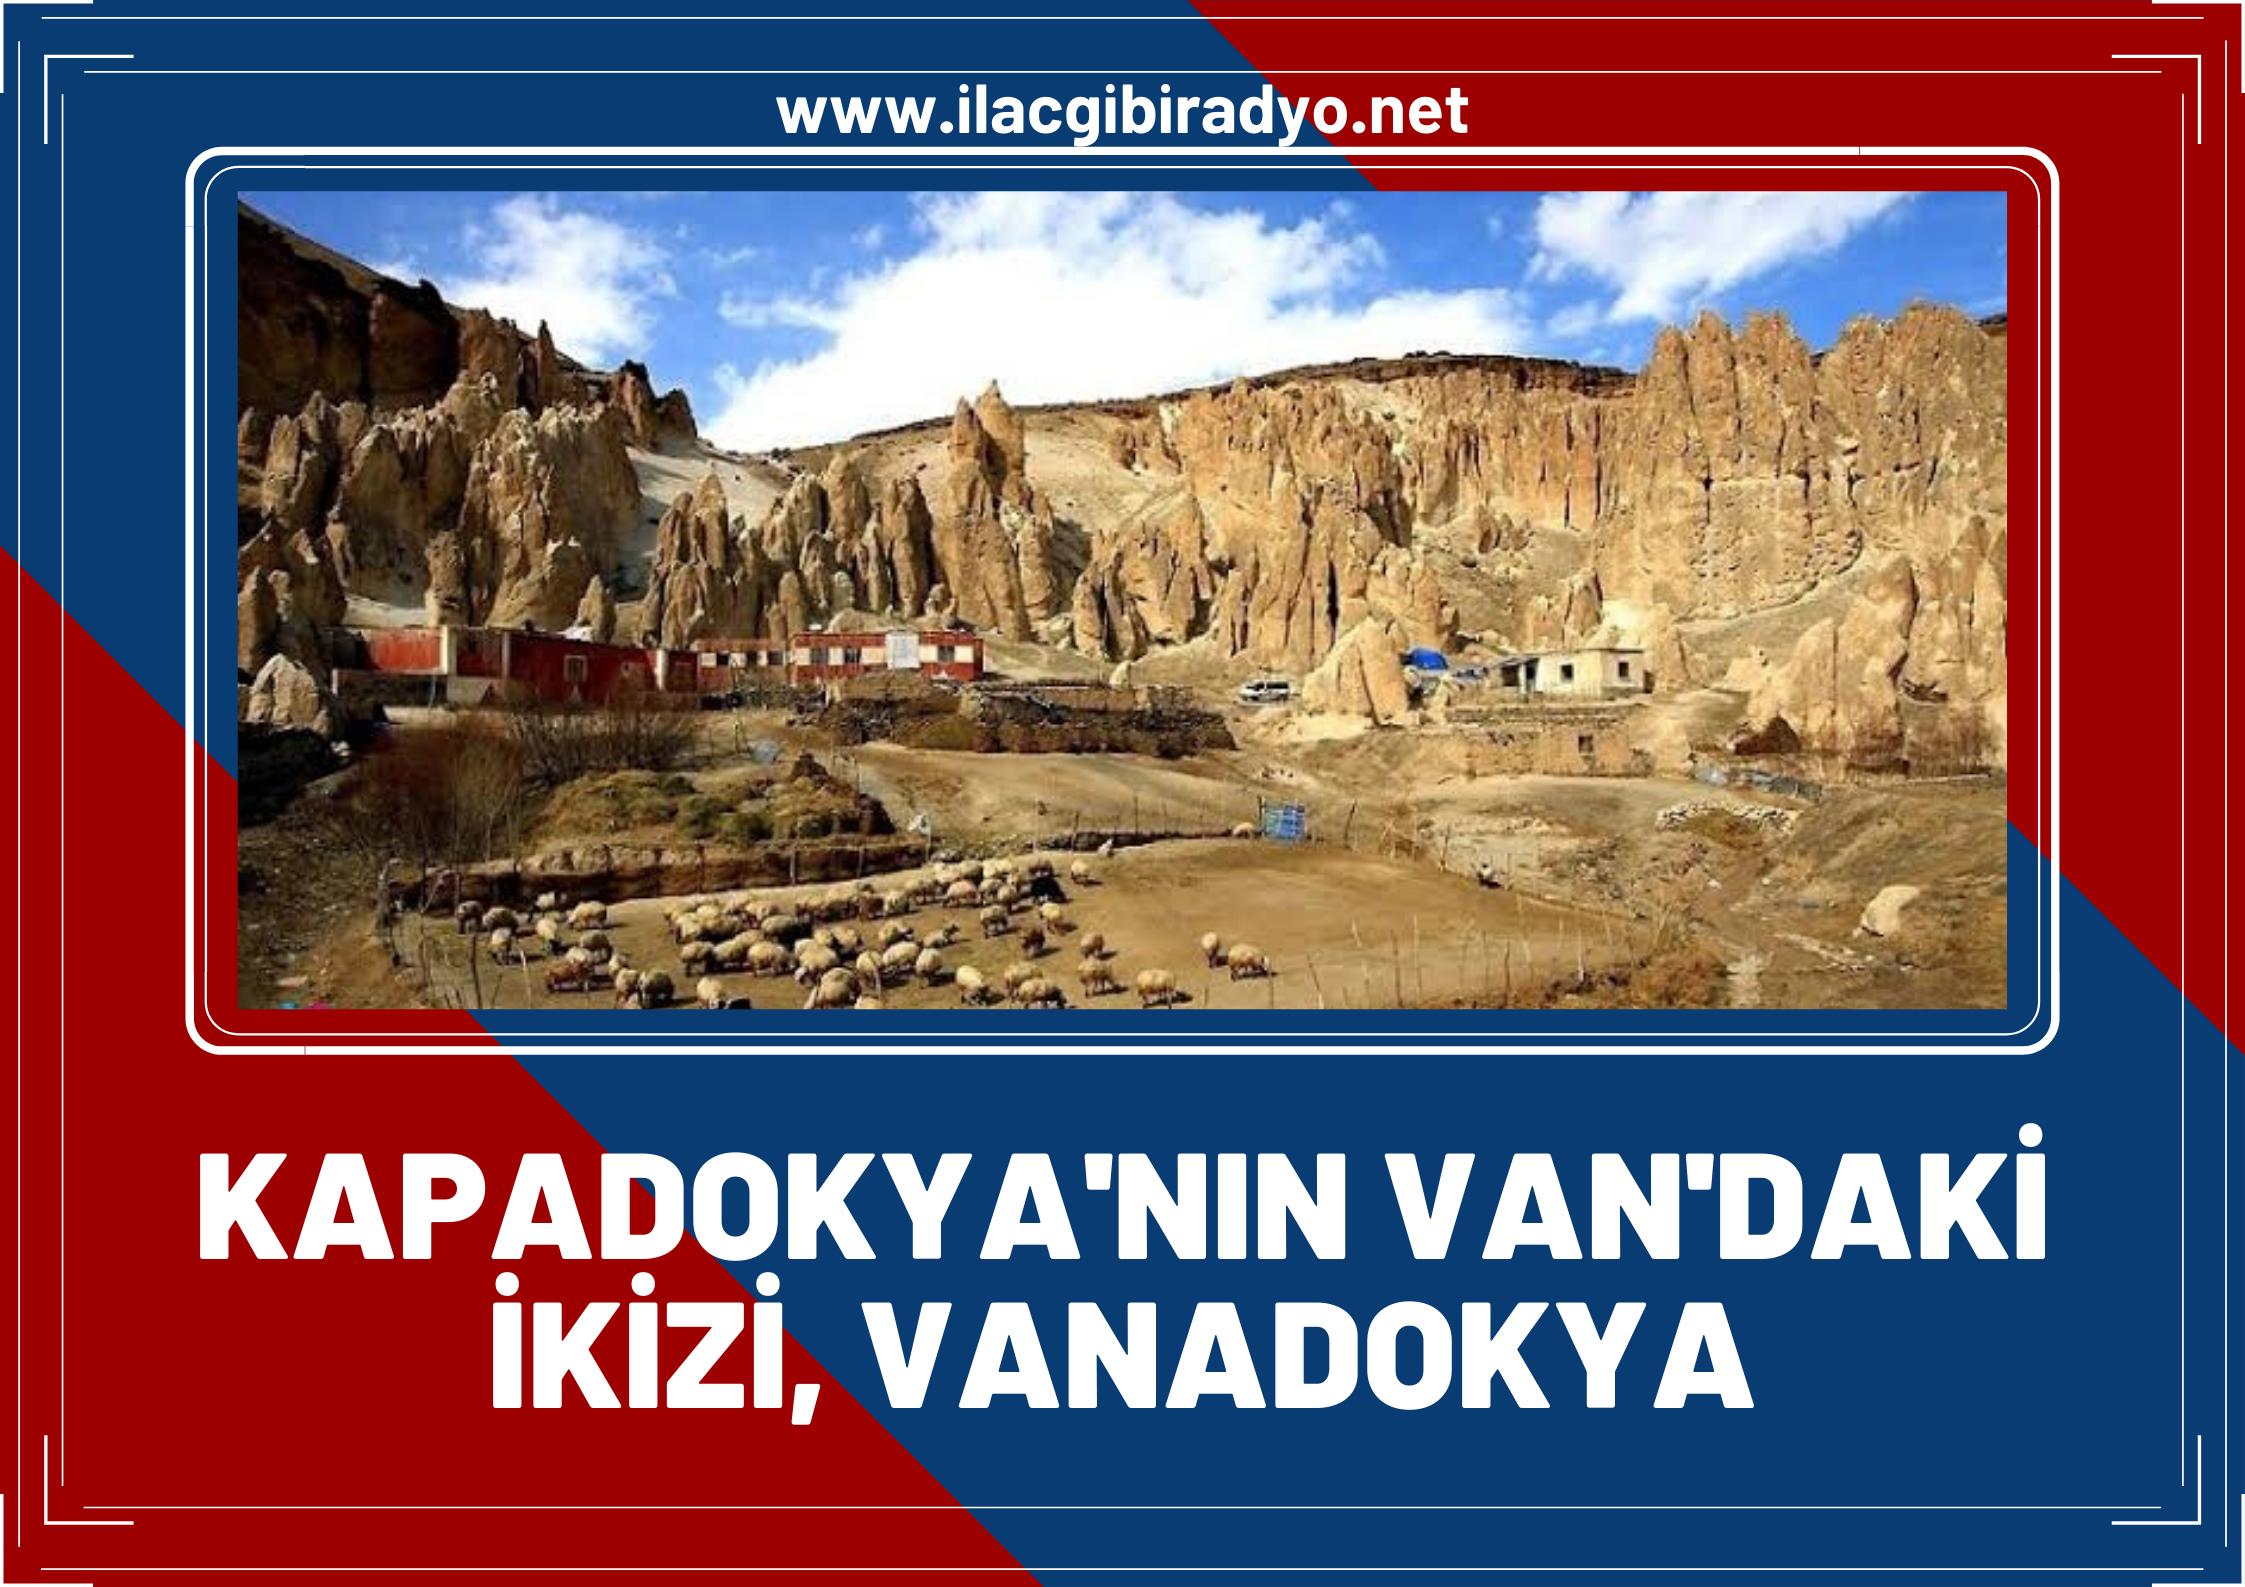 DW Başkale'nin Kofiraz'ını belgesel yaptı: Vanadokya, Kapadokya'nın Van'daki ikizi